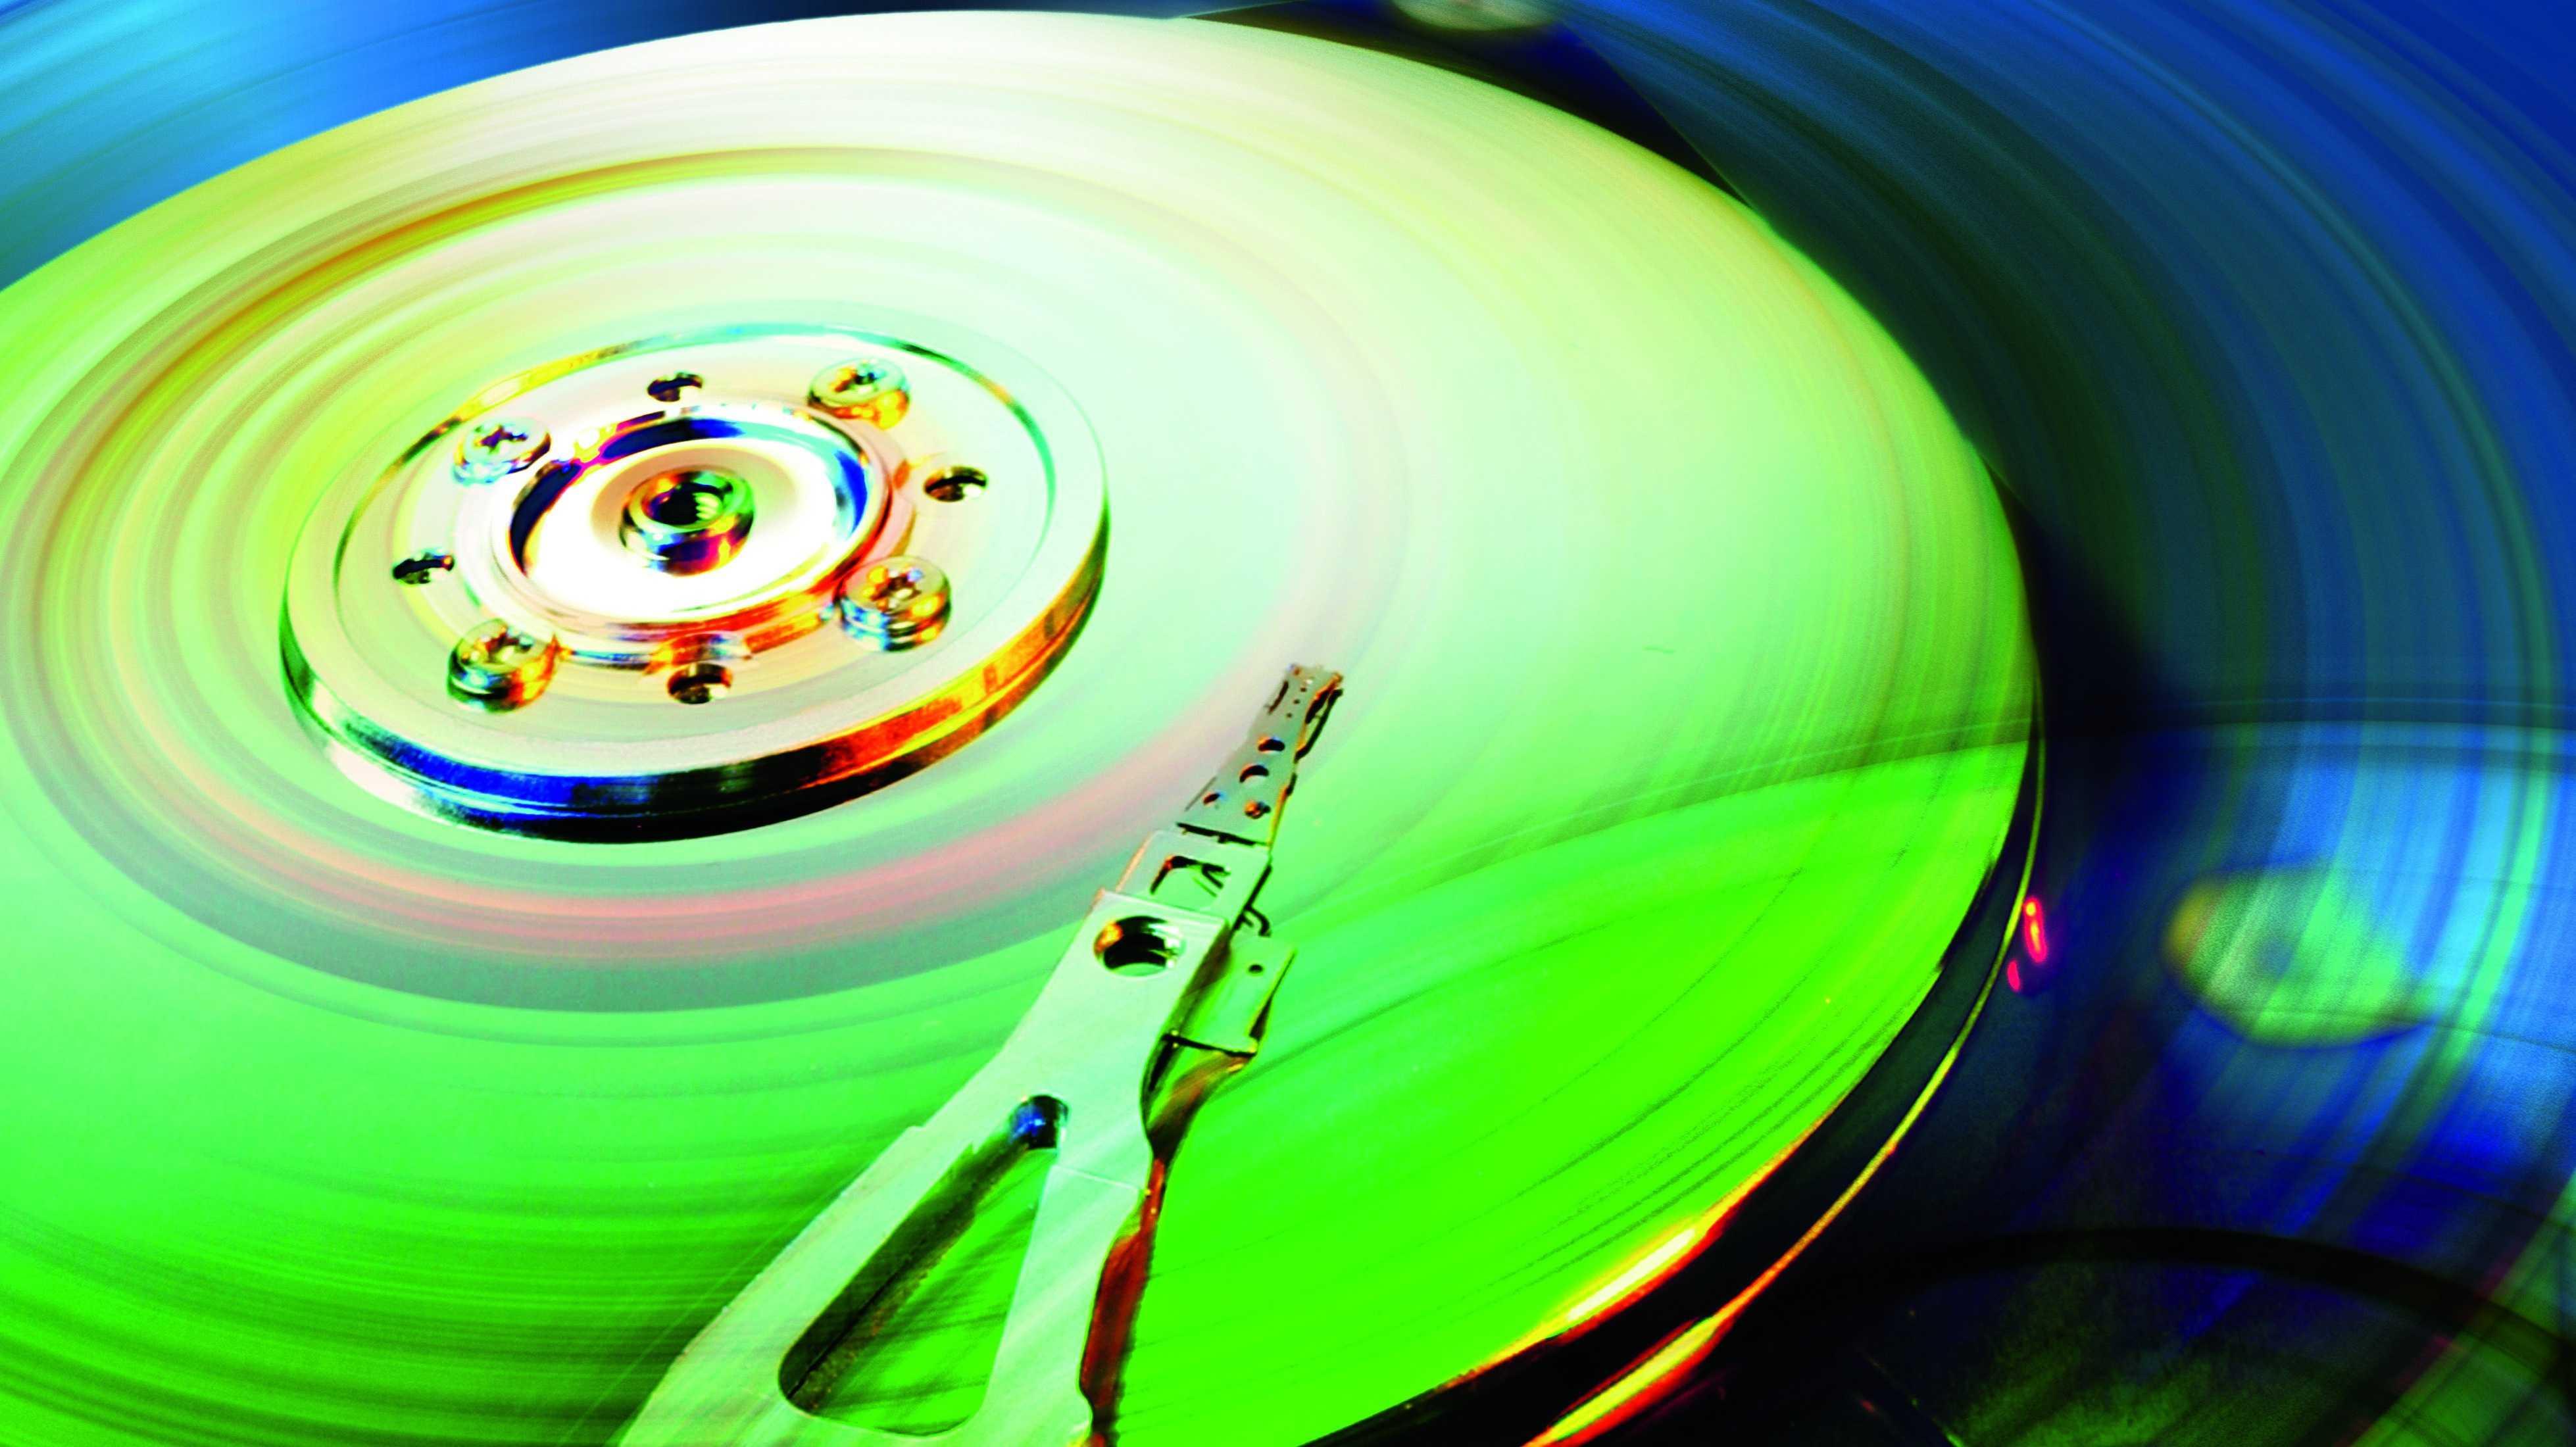 Riesenfestplatte im Test: 8 TByte für 250 Euro